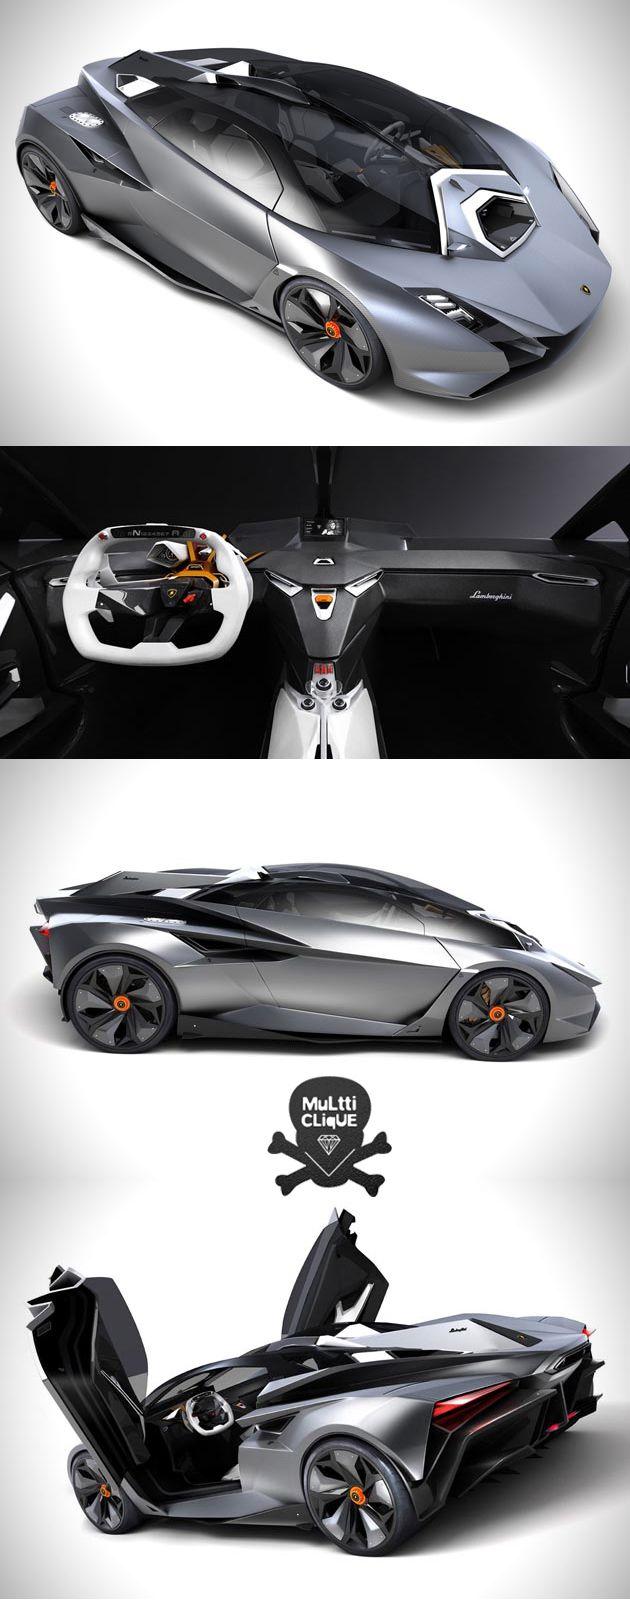 LAMBORGHINI PERDIGON esse é dos carros mais caros do mundo atualmente